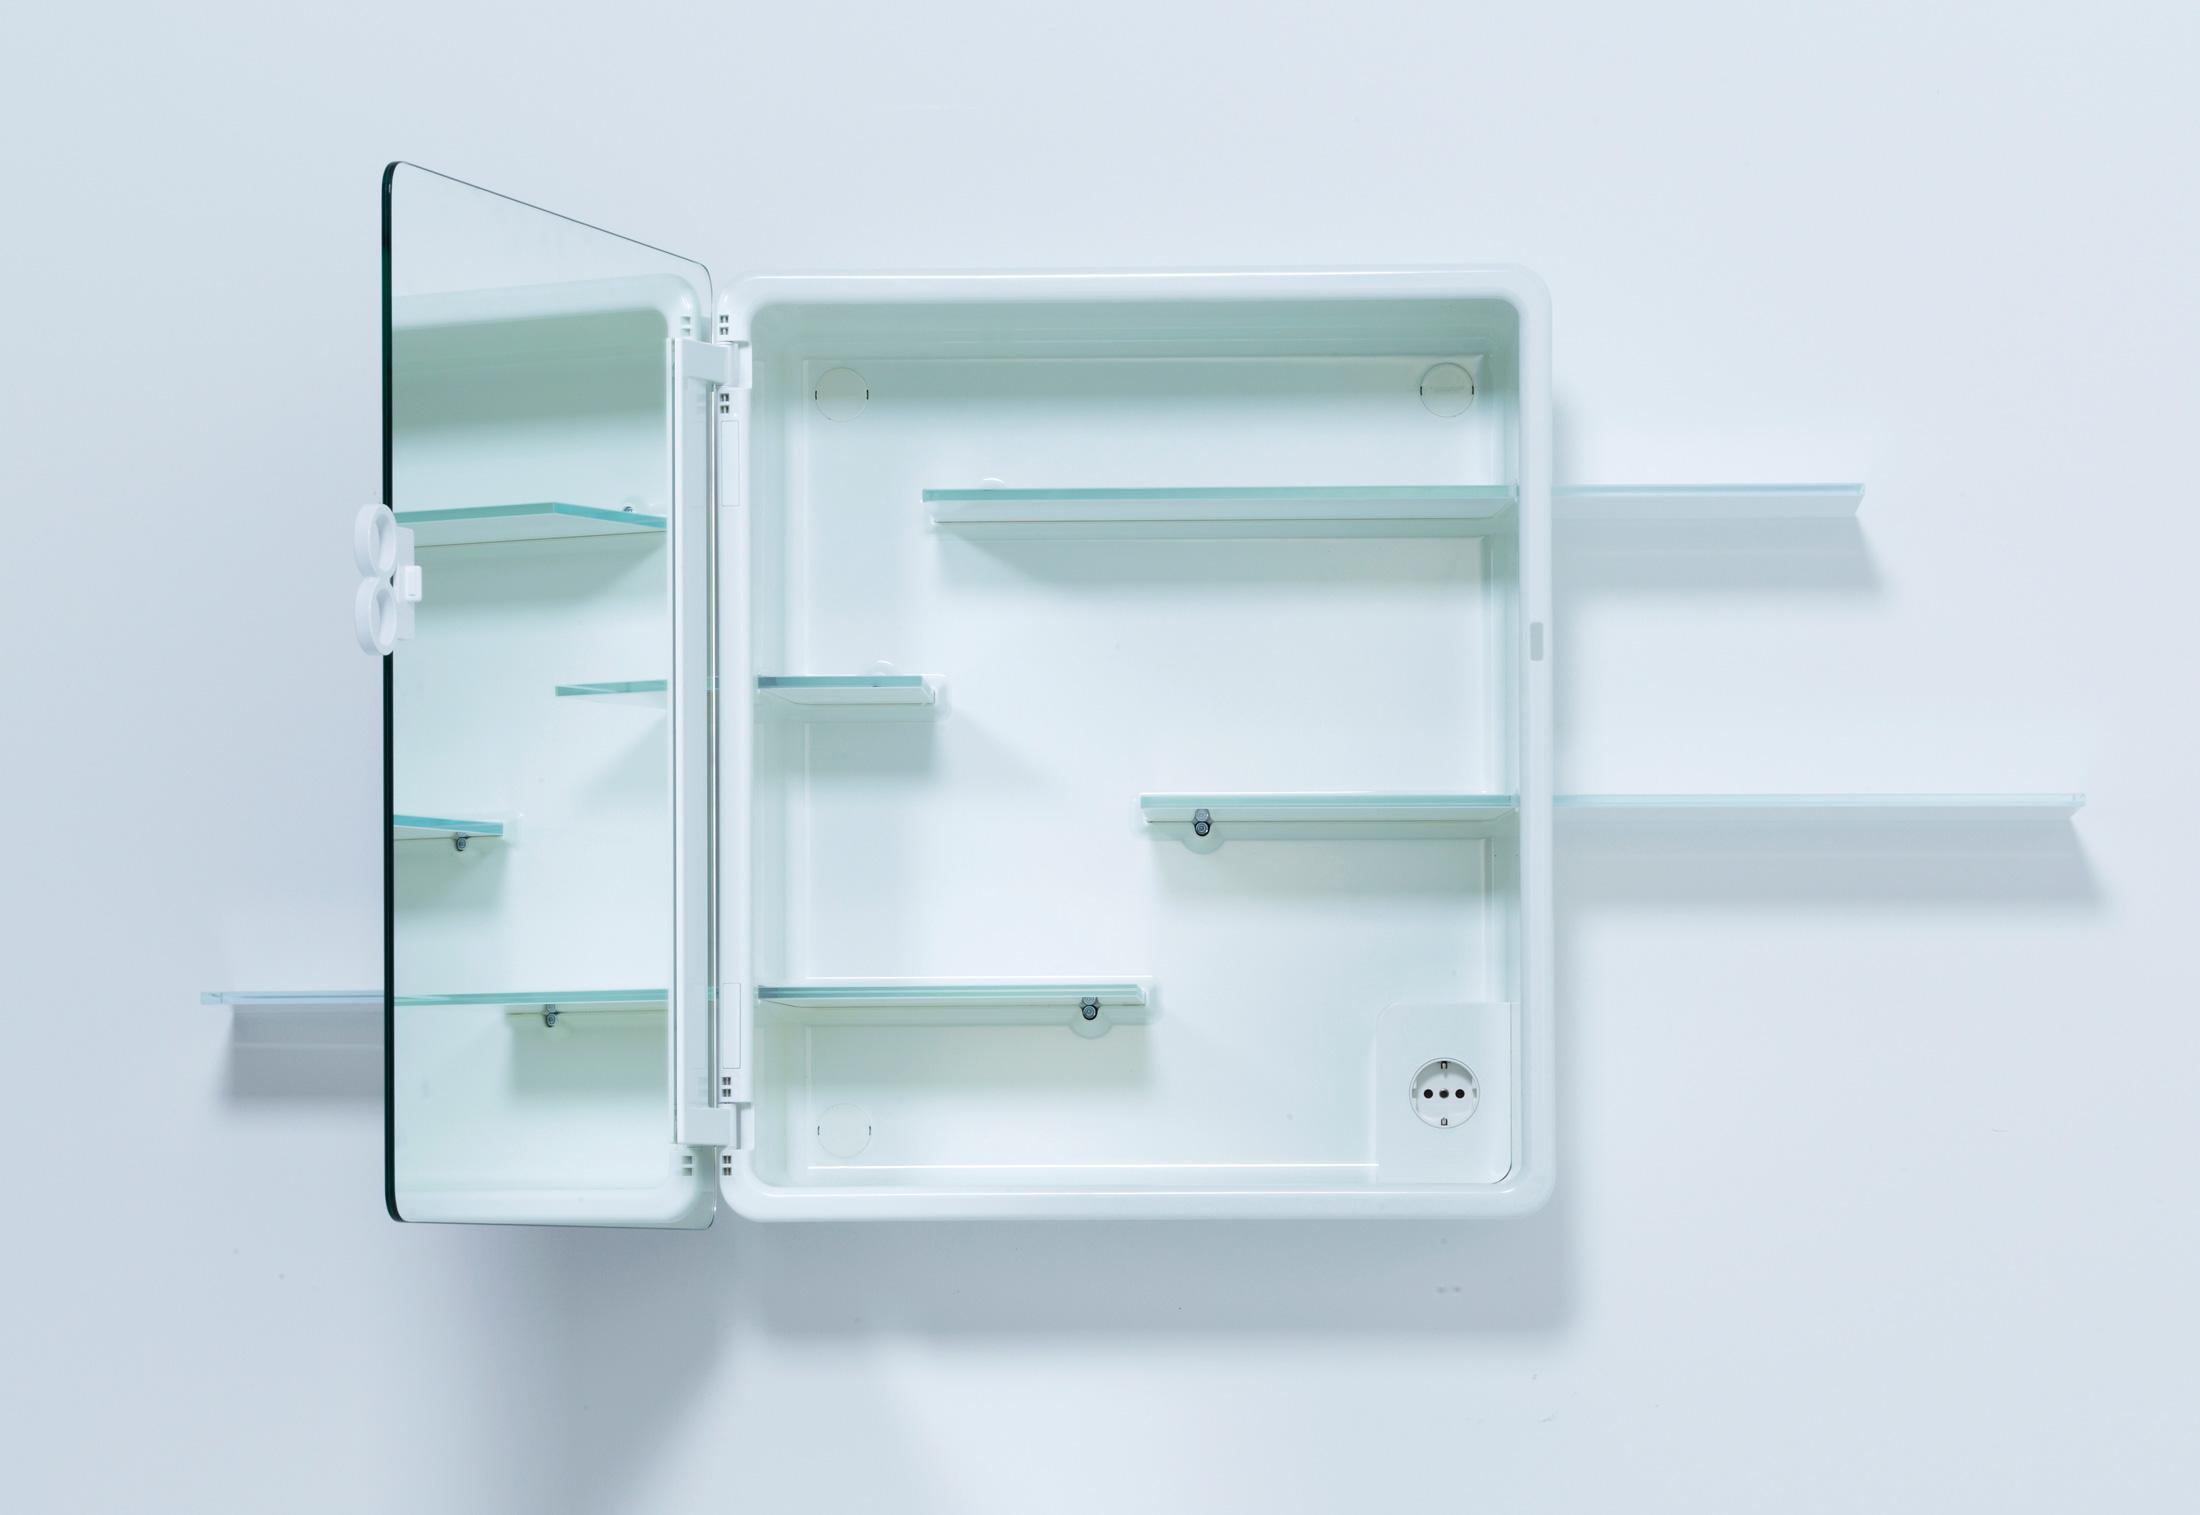 Enchanting Plastic Bathroom Shelf Vignette Bathtub Ideas